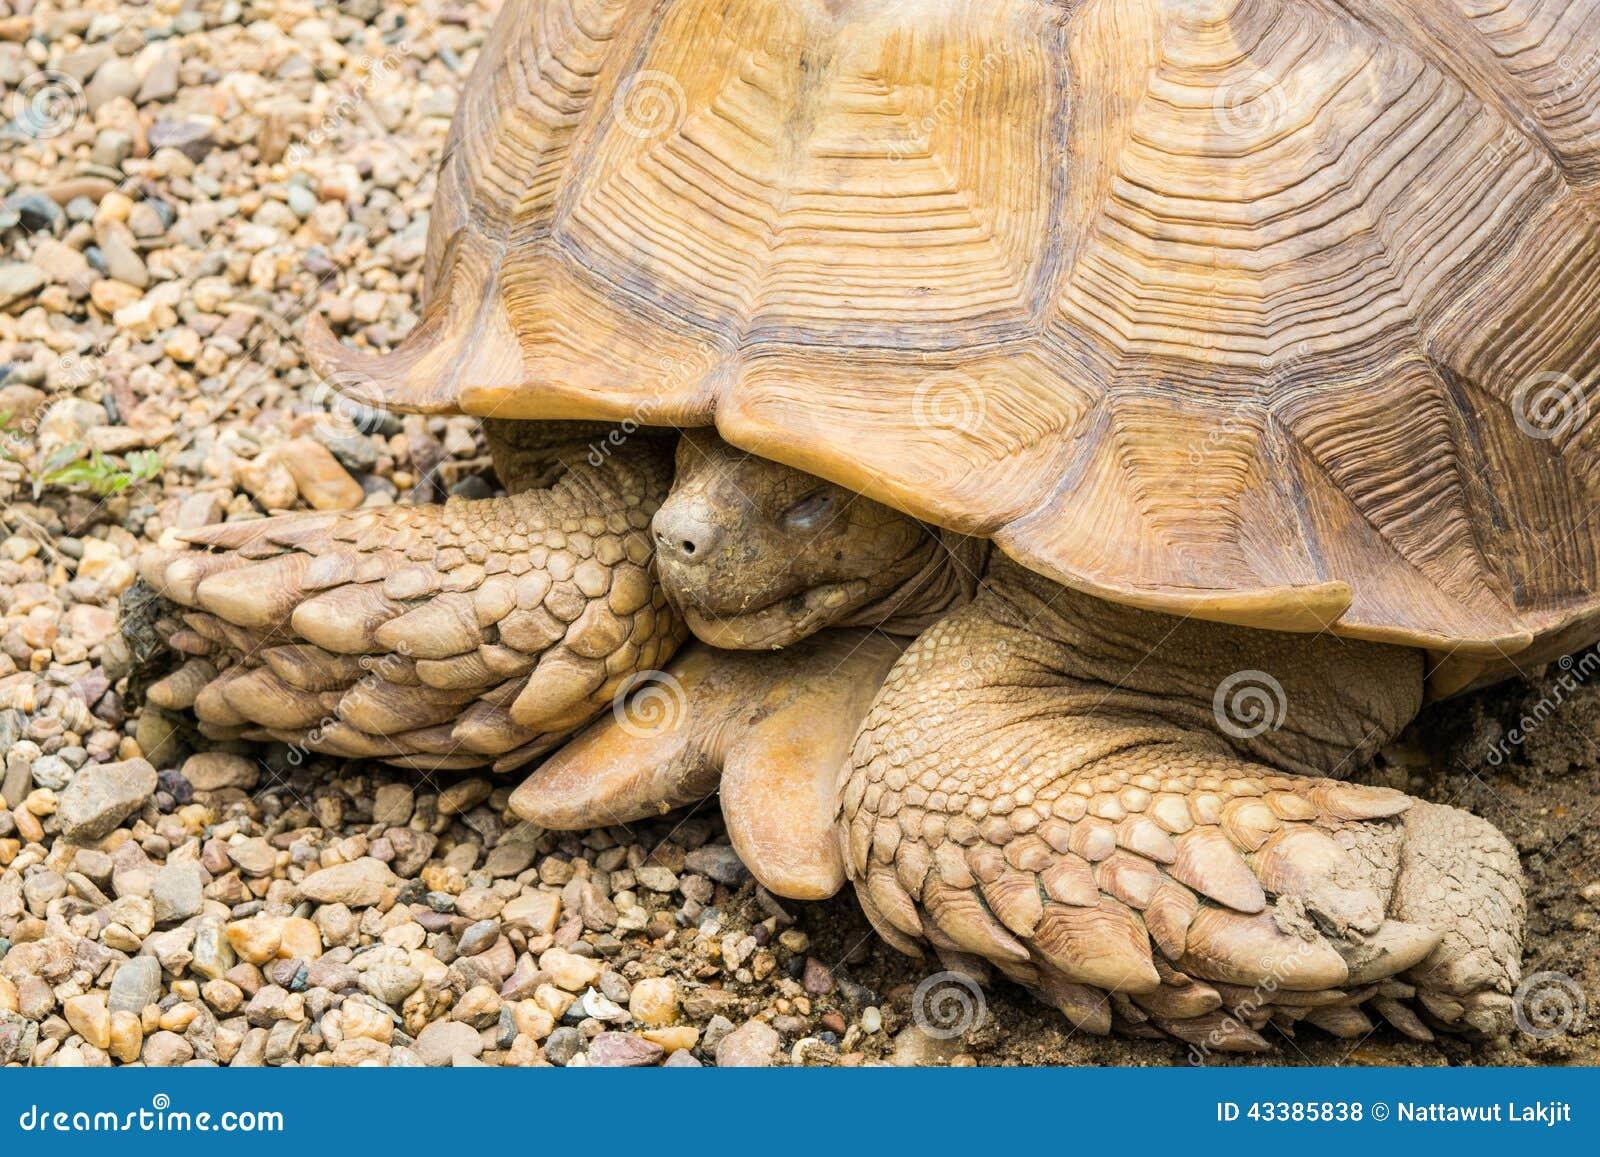 Grosse Schildkroten Schlafen Stockfoto Bild Von Reptil Gross 43385838